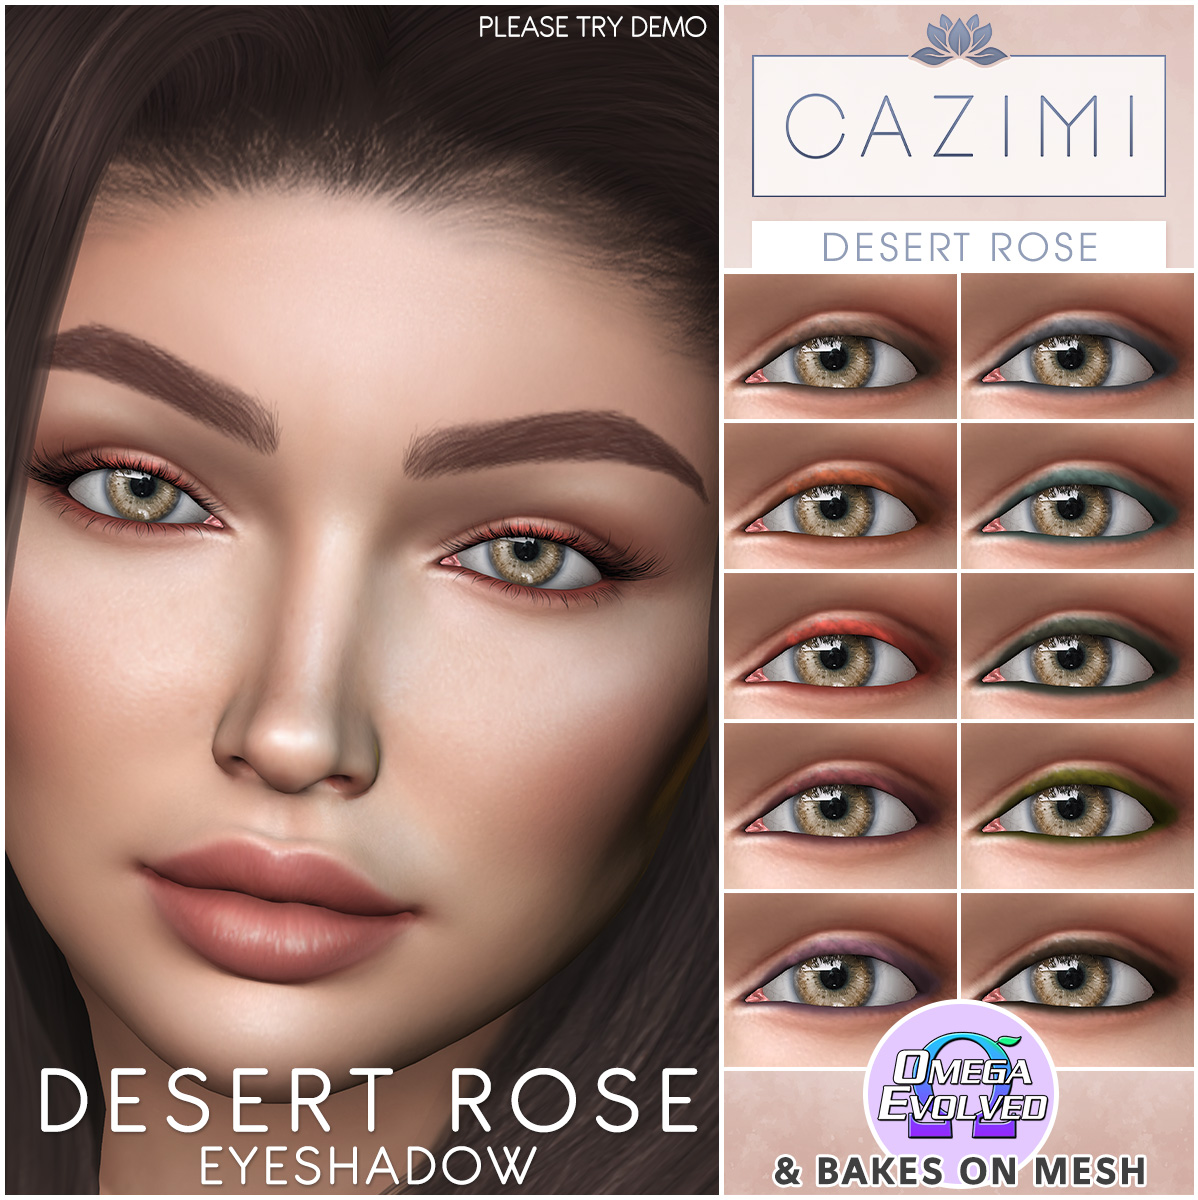 Eyeliner_DesertRose_Ad_1x1.jpg